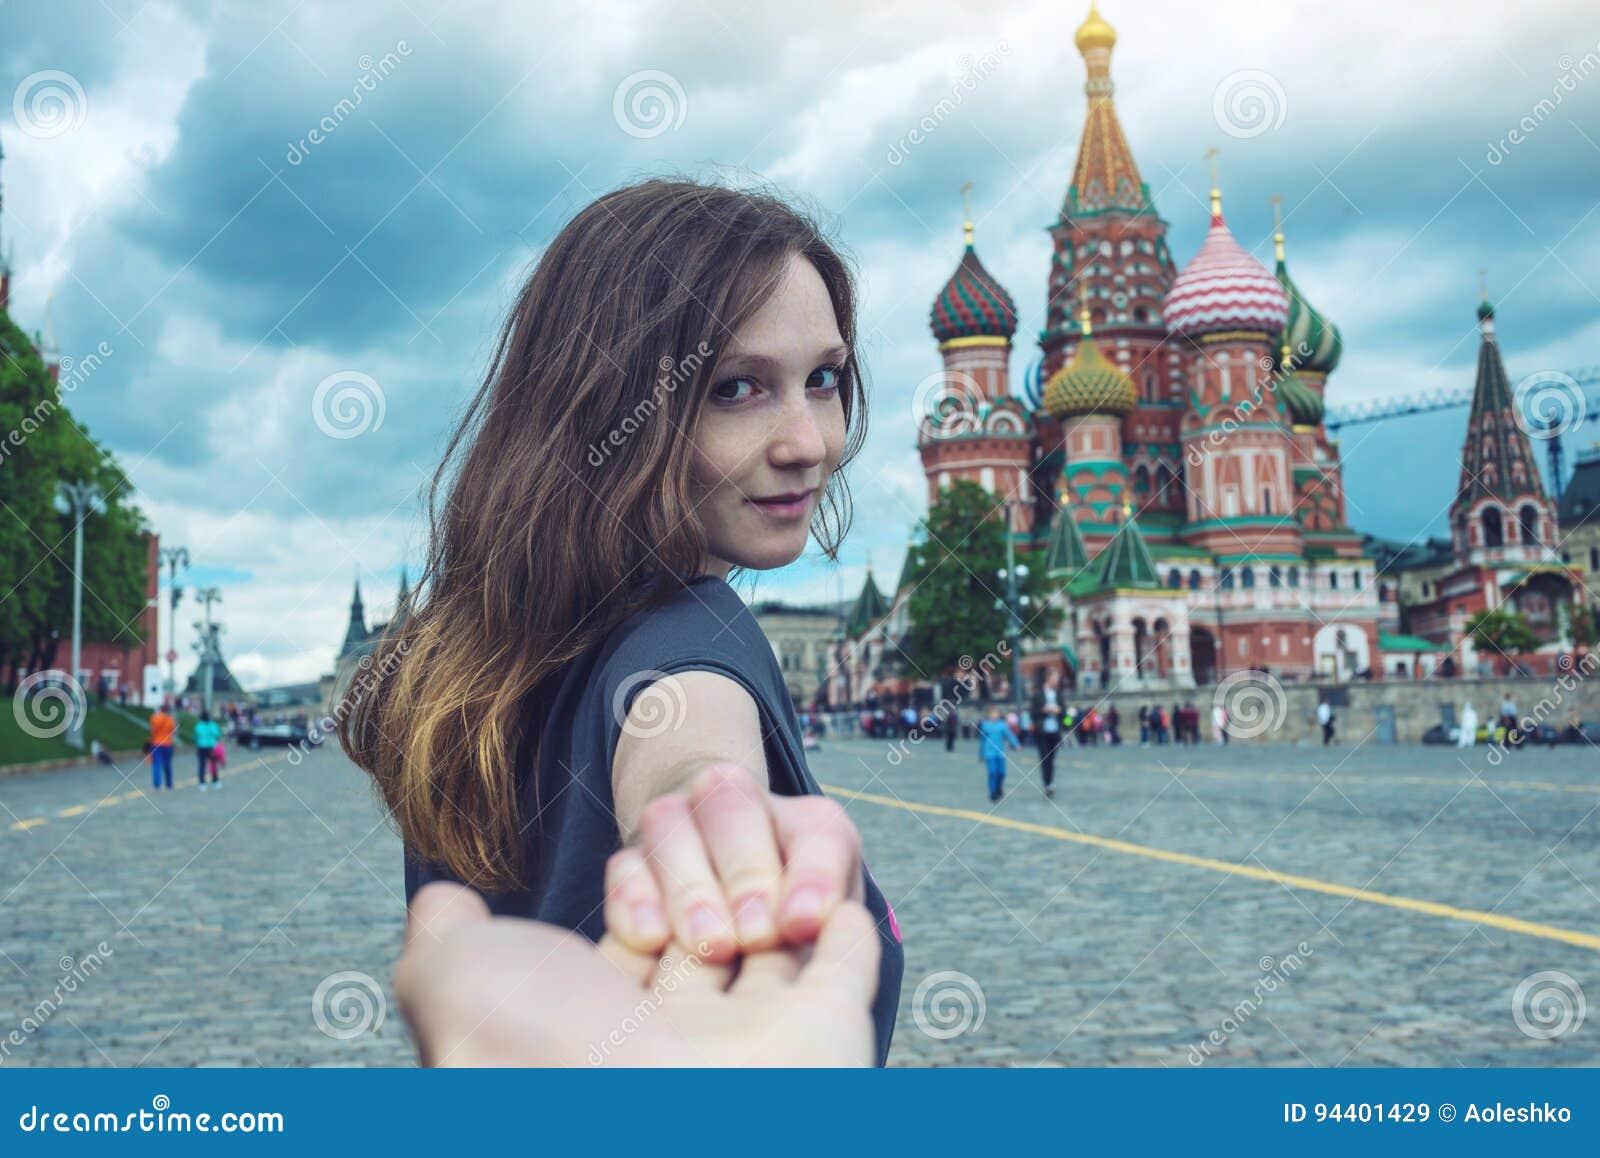 Follow-me, das attraktive Brunettemädchen, welches die Hand hält, führt zu das rote Quadrat in Moskau Russland